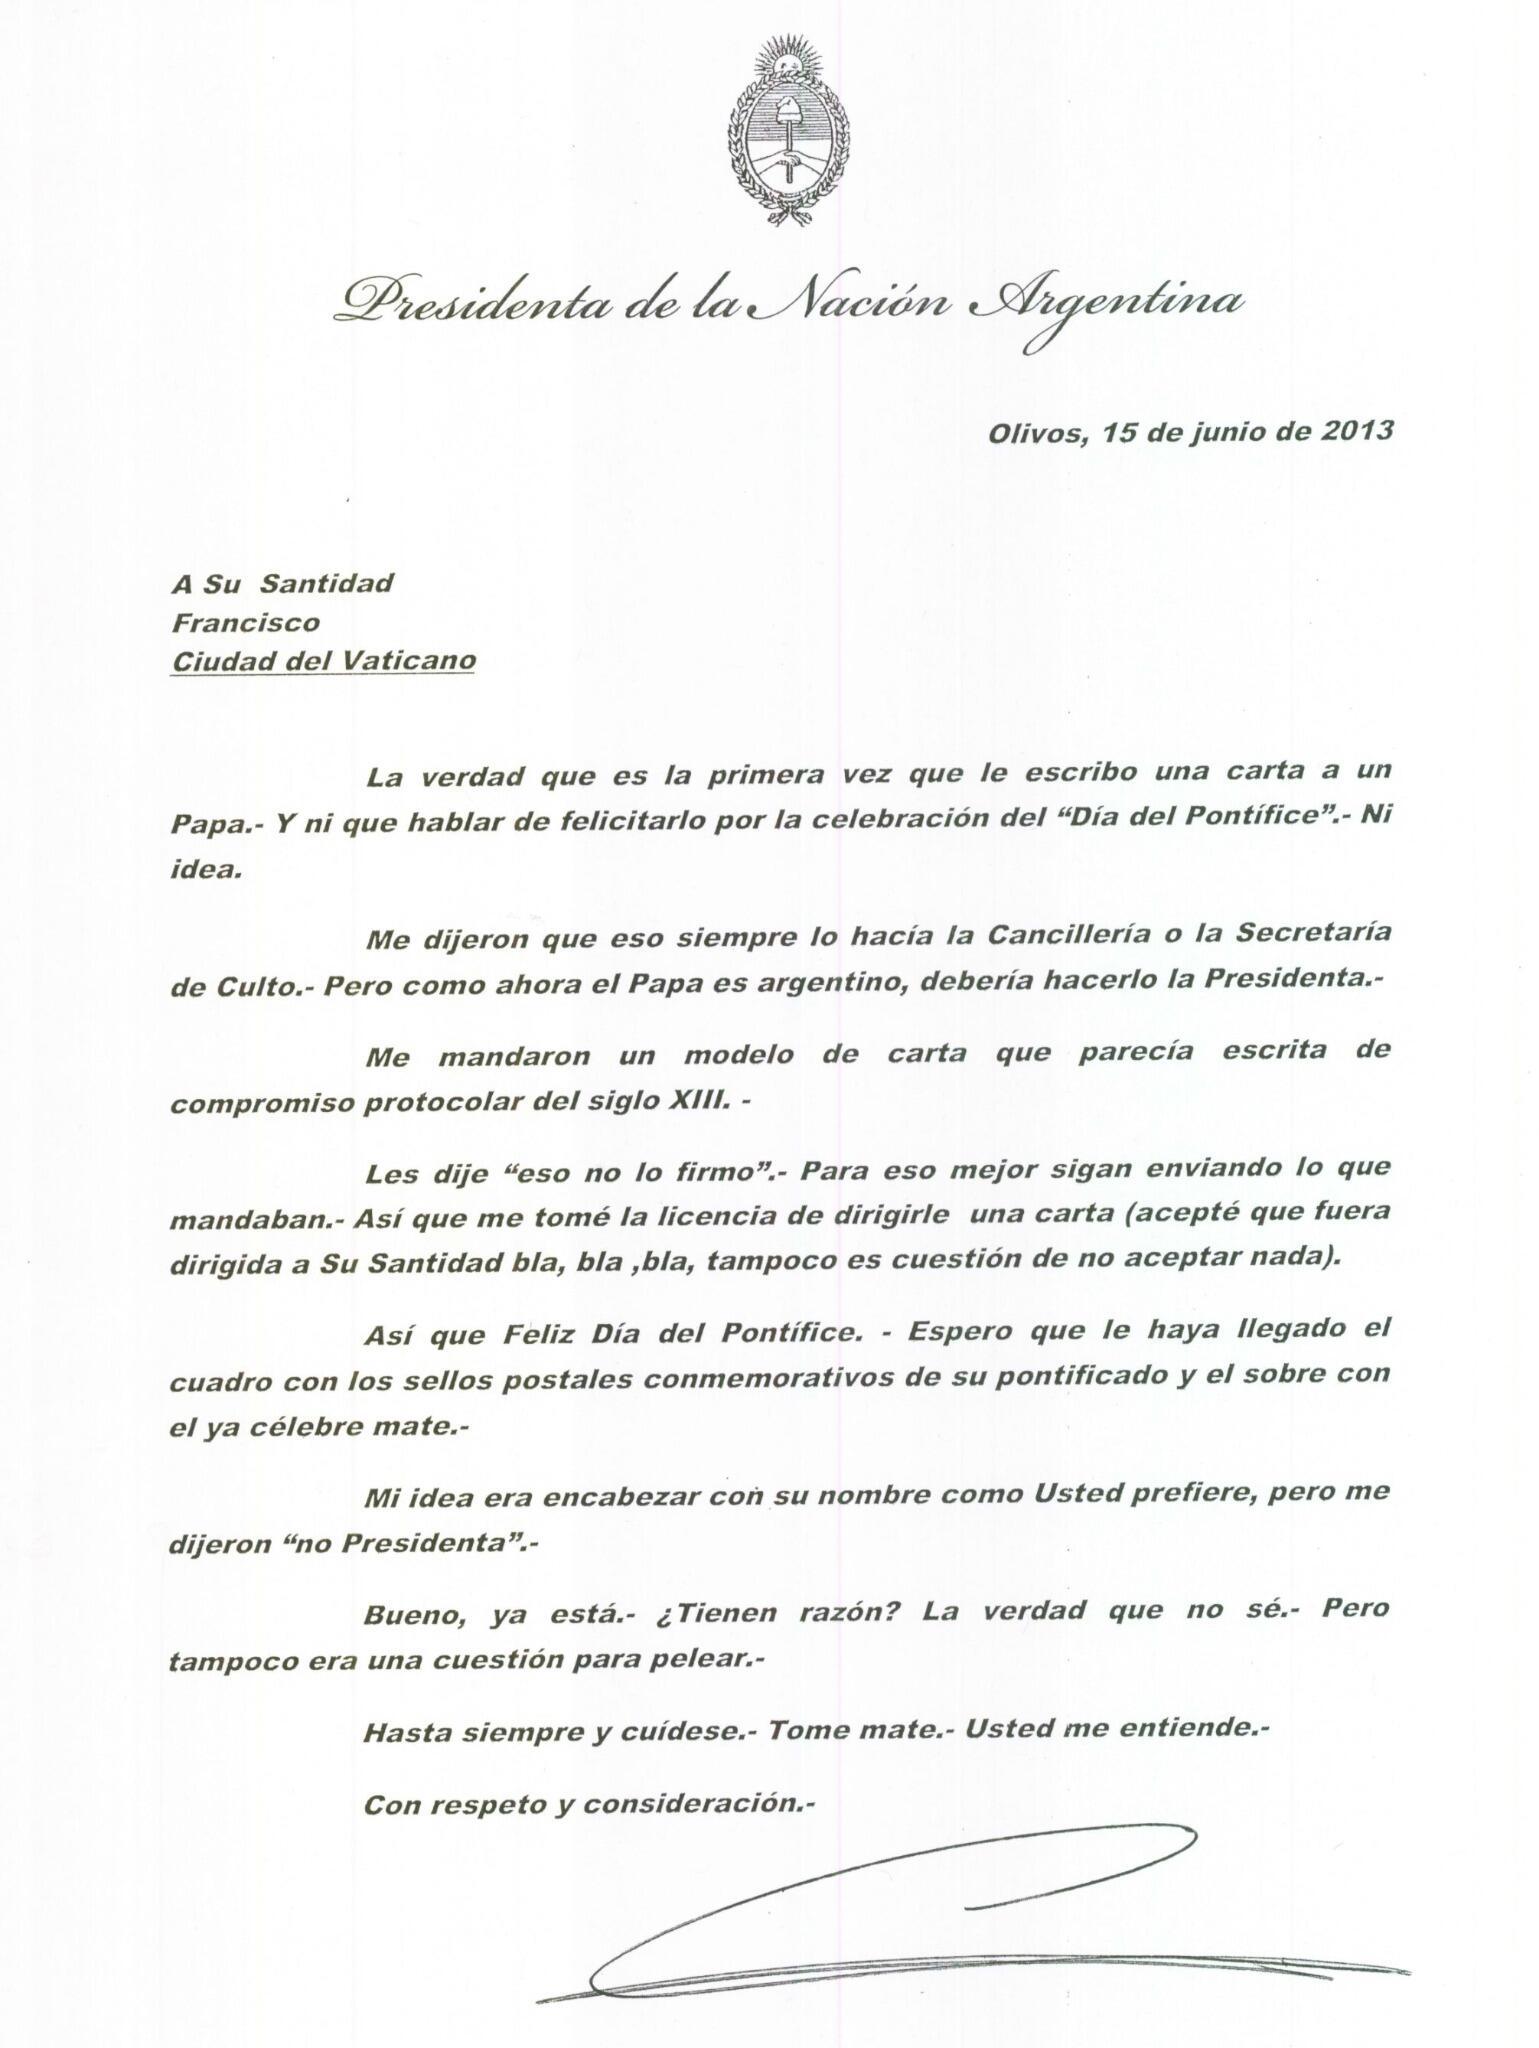 salvadorschwartzmann on twitter   u0026quot presidenta de argentina manda carta de saludo al papa  u0026quot en dia